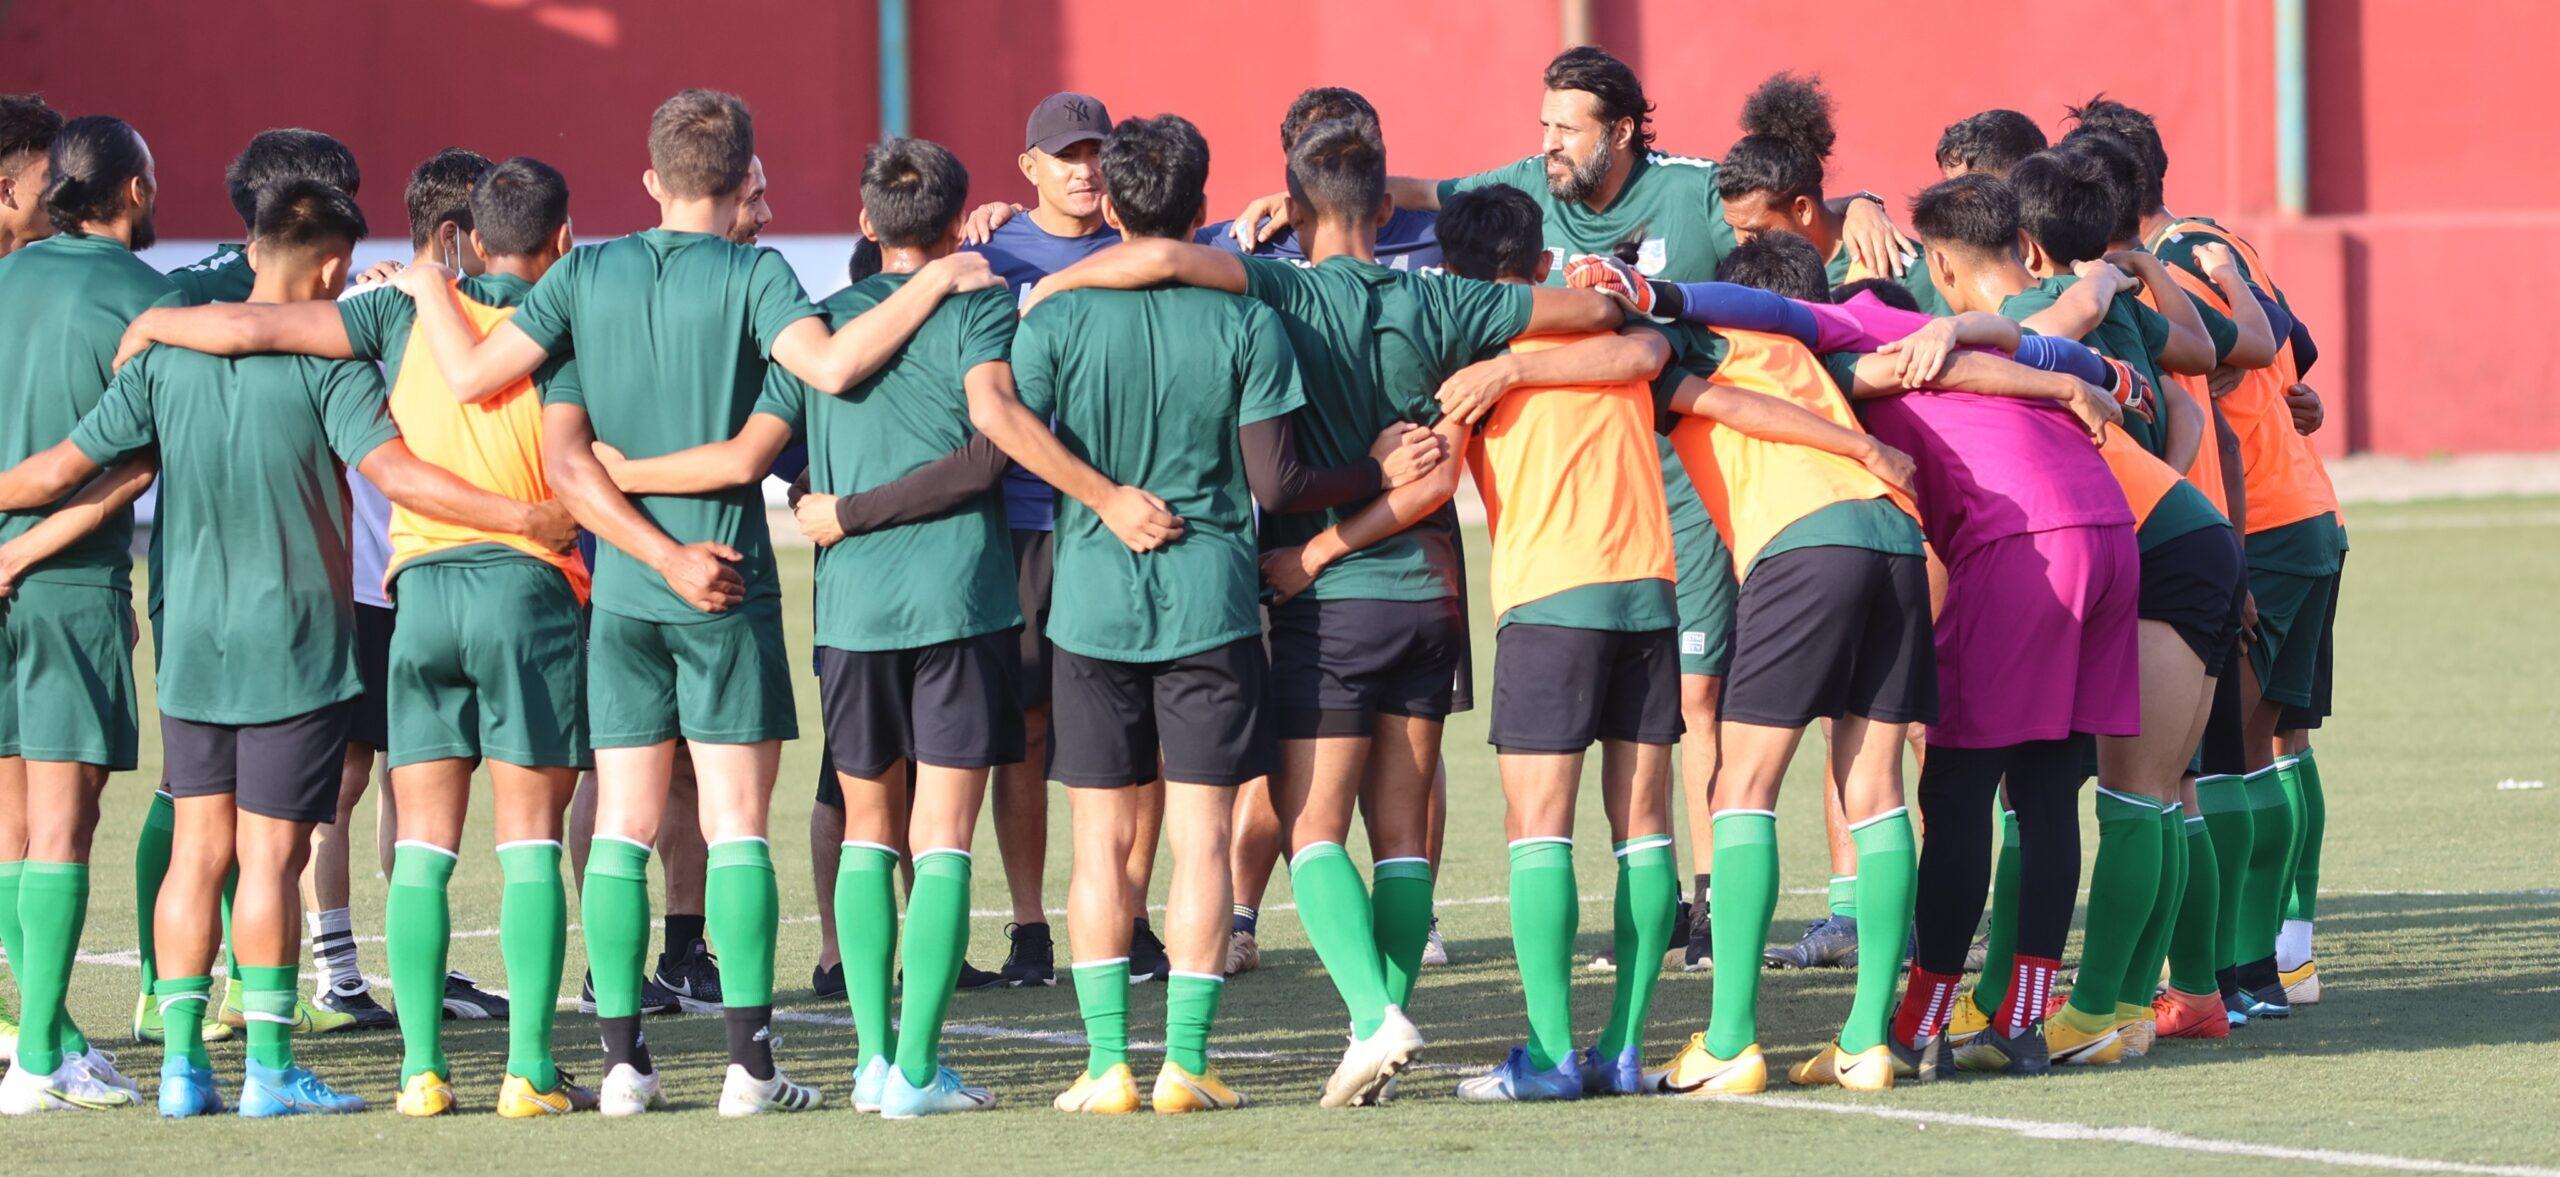 नेपालले आज ओमानसँग मैत्रीपूर्ण फुटबल खेल्दै